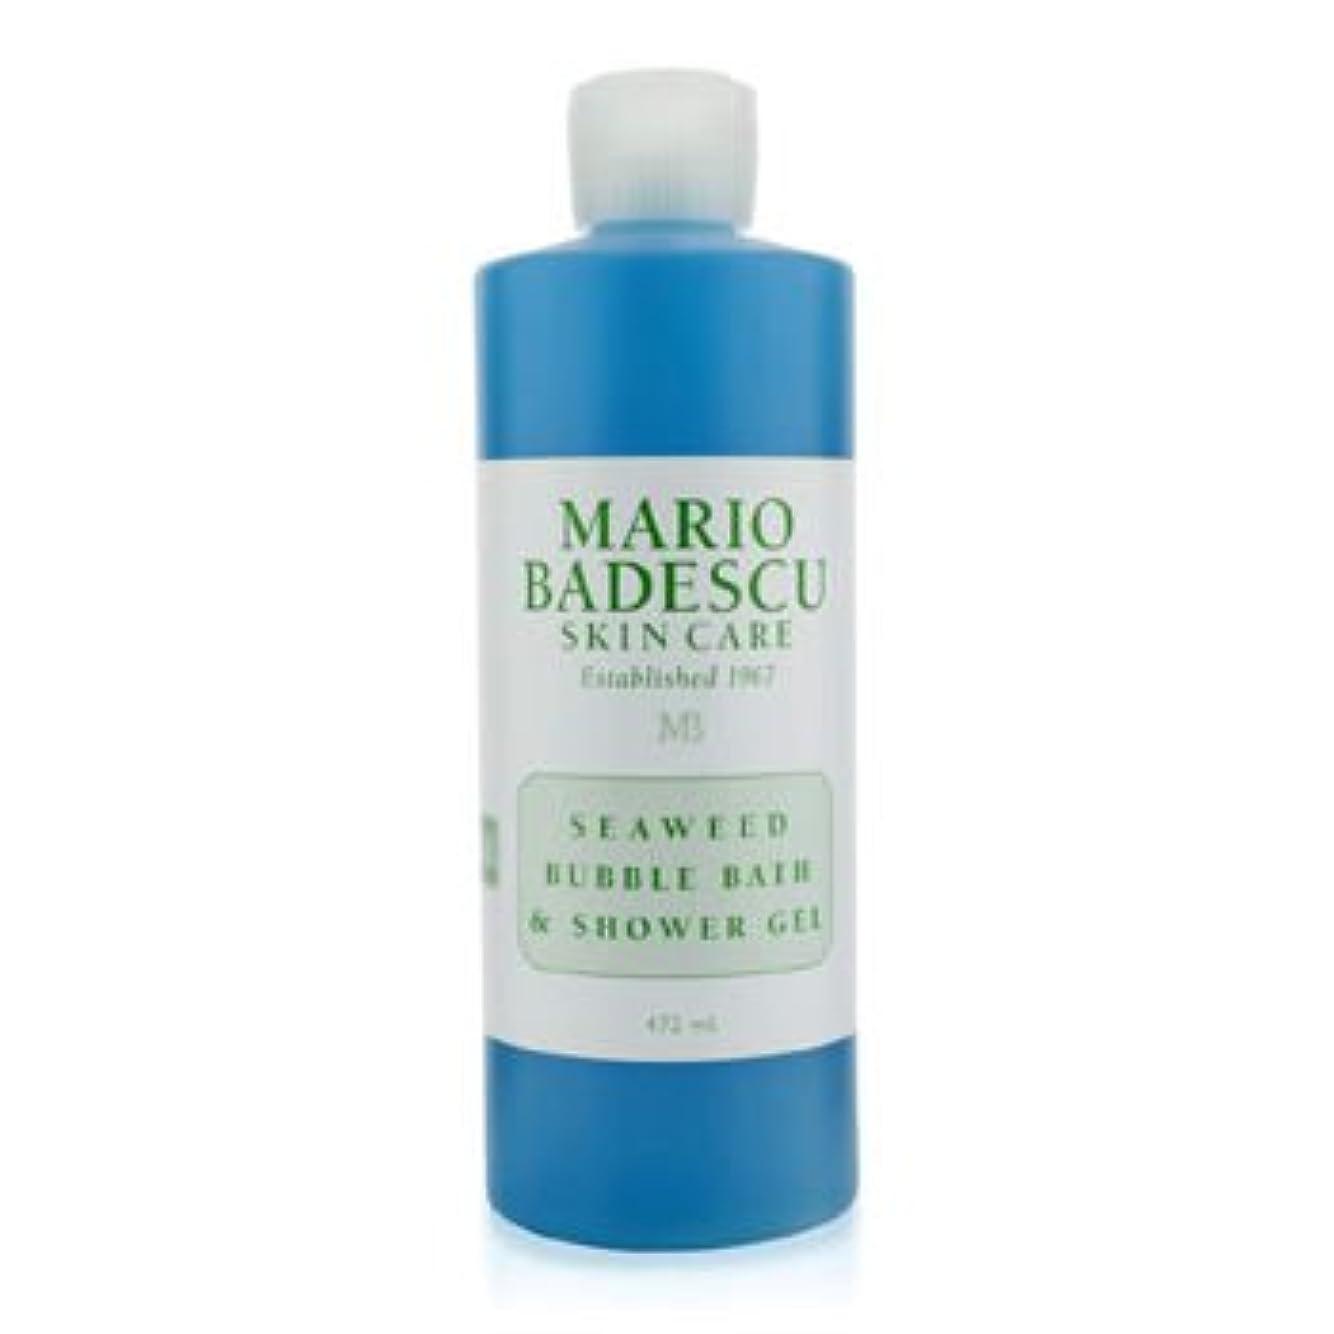 ハロウィン表示わざわざ[Mario Badescu] Seaweed Bubble Bath & Shower Gel 472ml/16oz